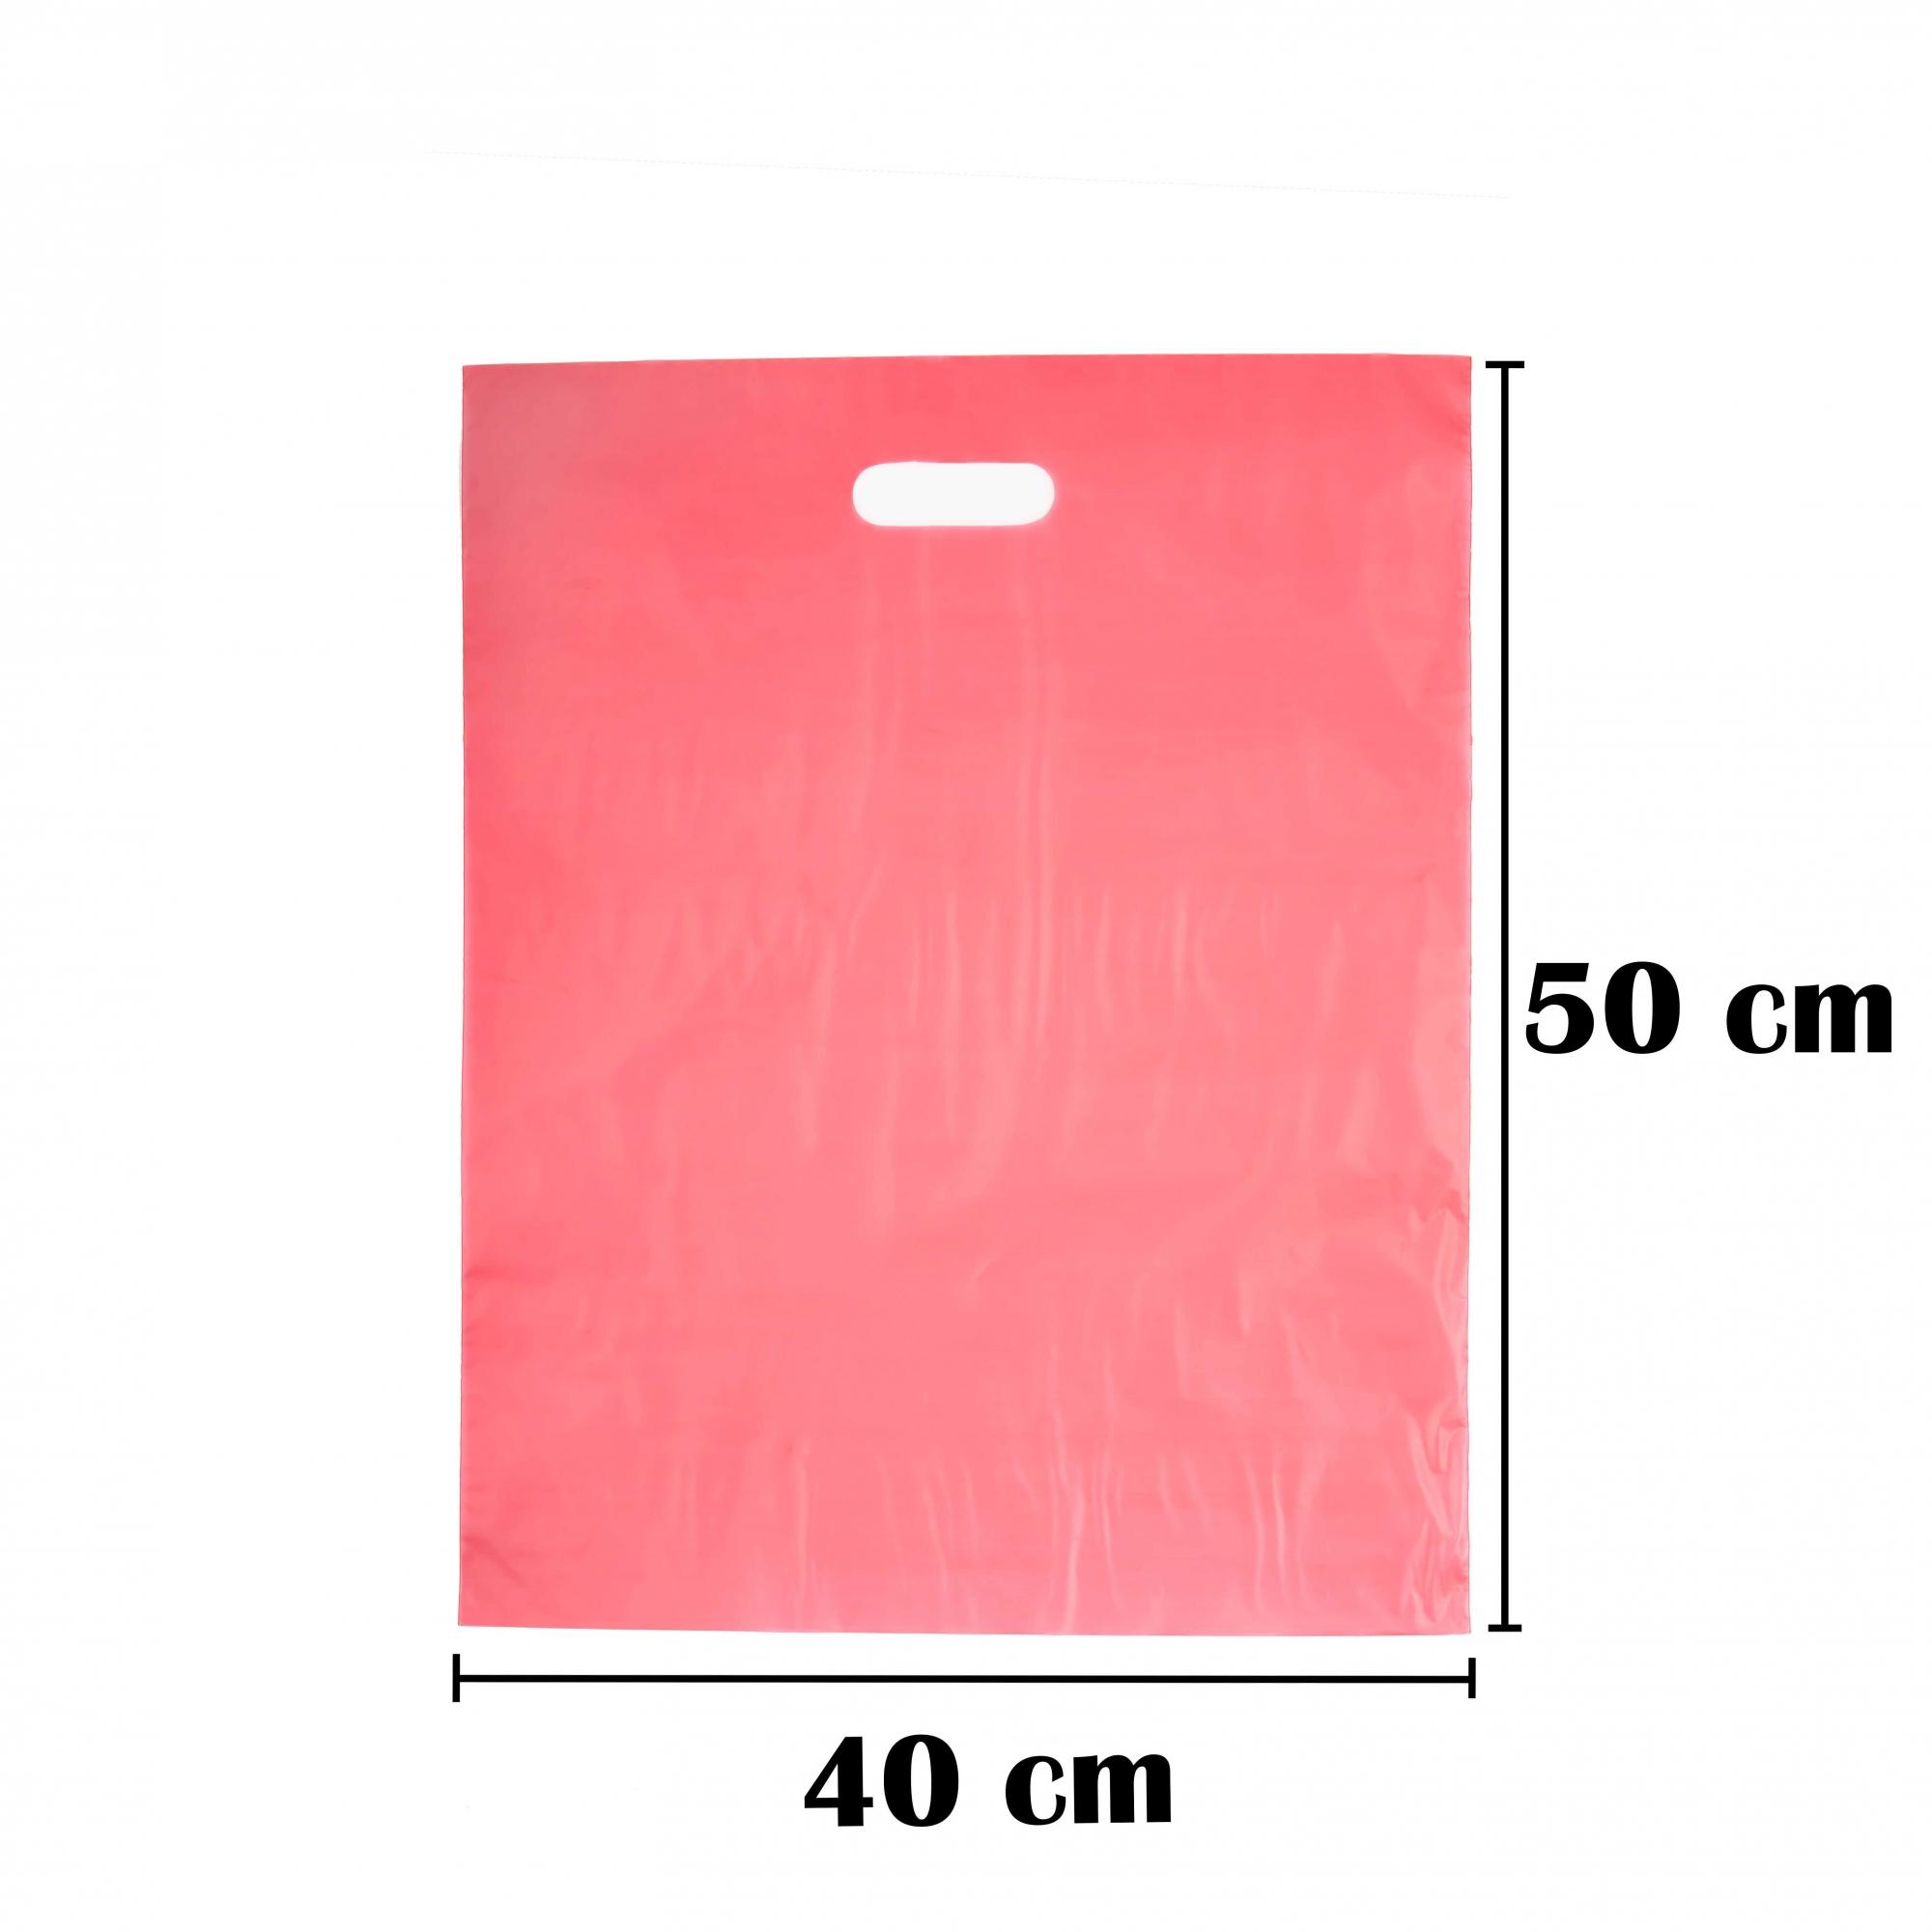 Sacola Plástica 40x50 Vermelha Alça Boca de Palhaço 250 Unidades